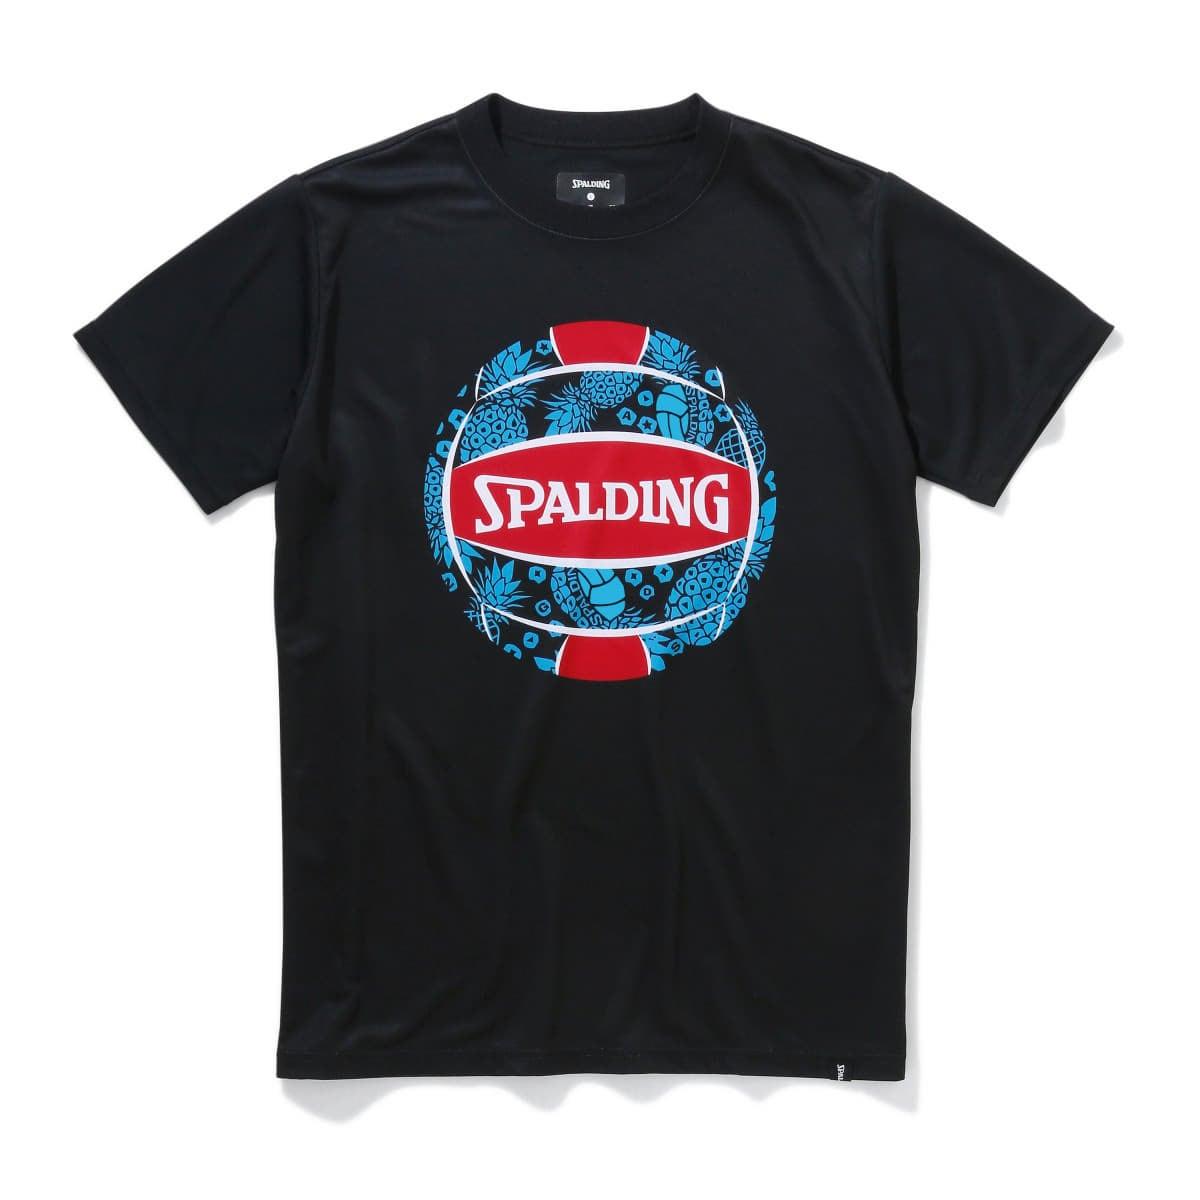 バレーボールTシャツ  トロピカル SMT210590